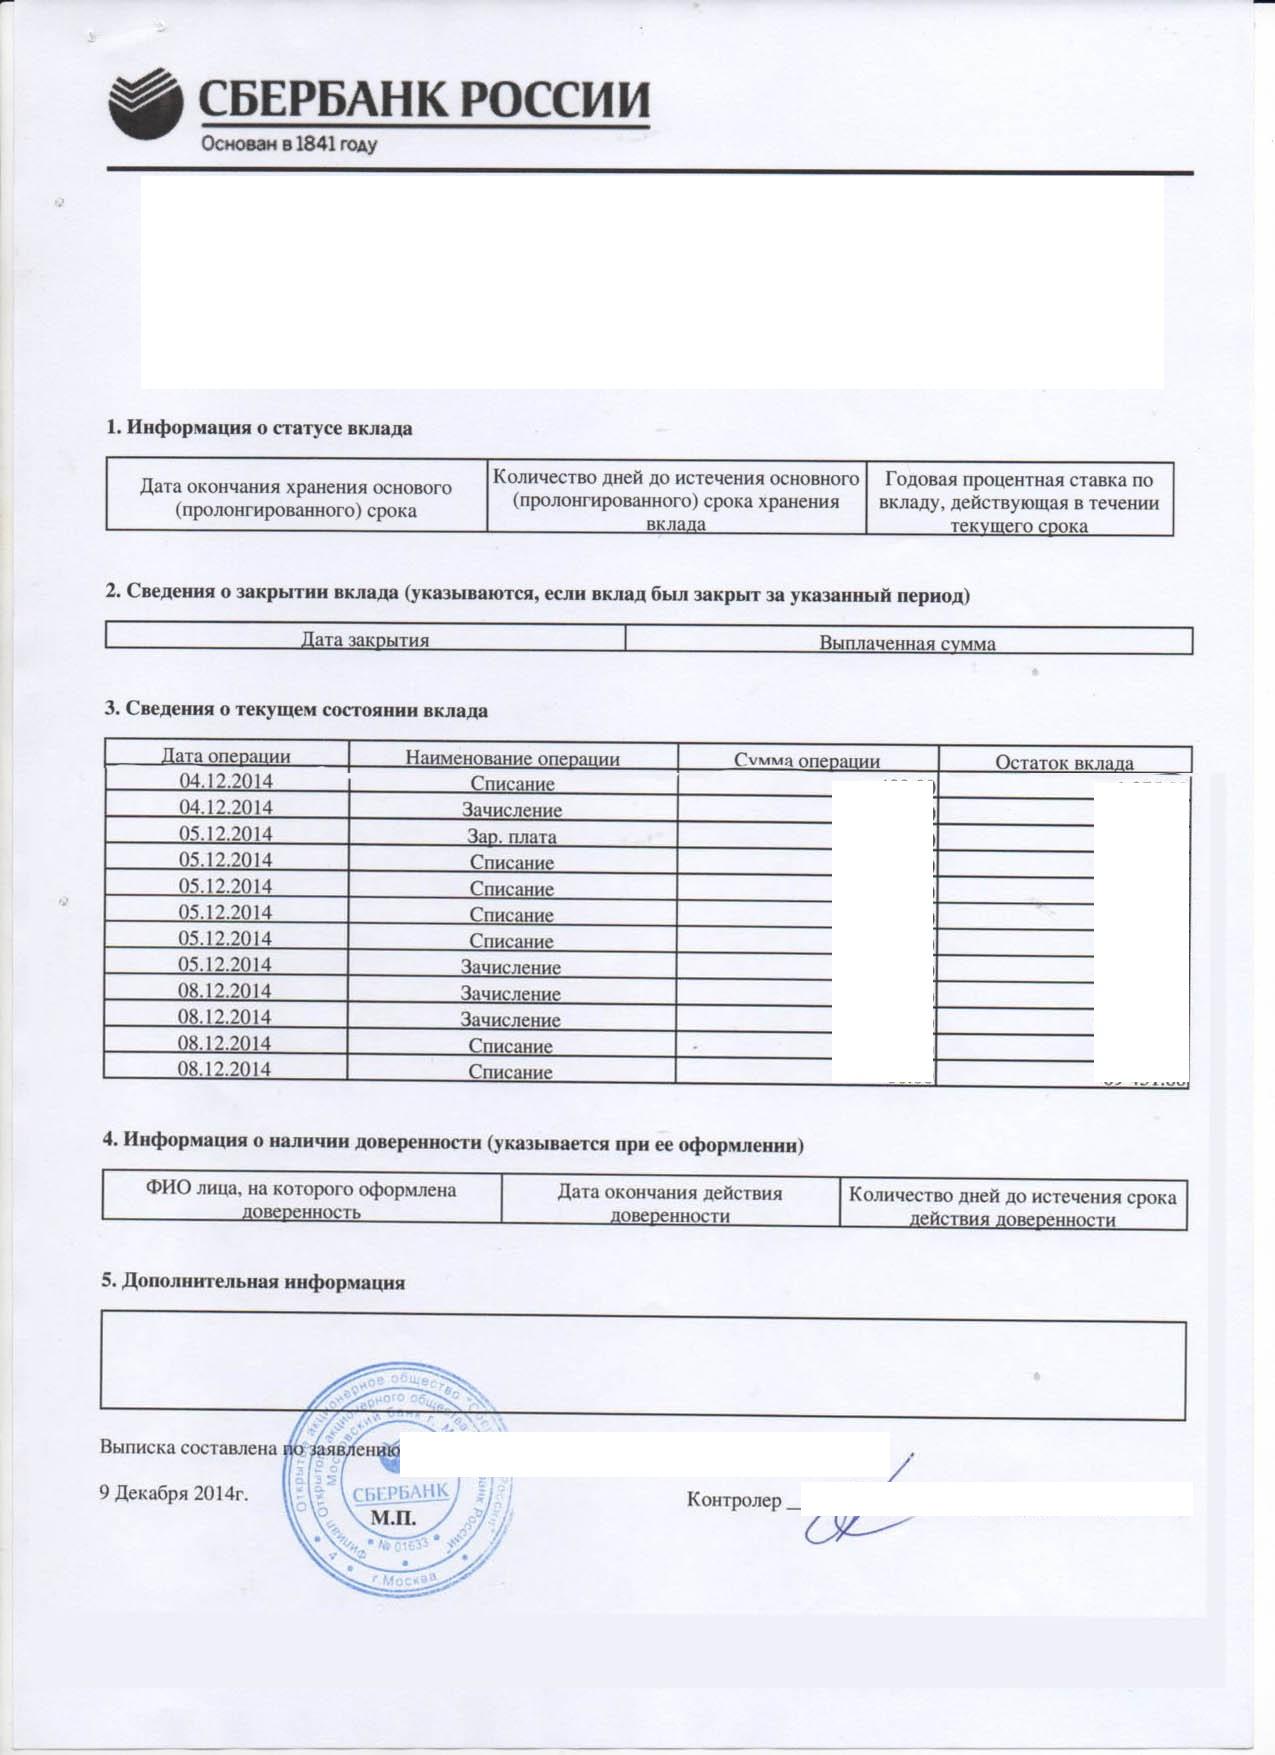 Перевод банковской справки.